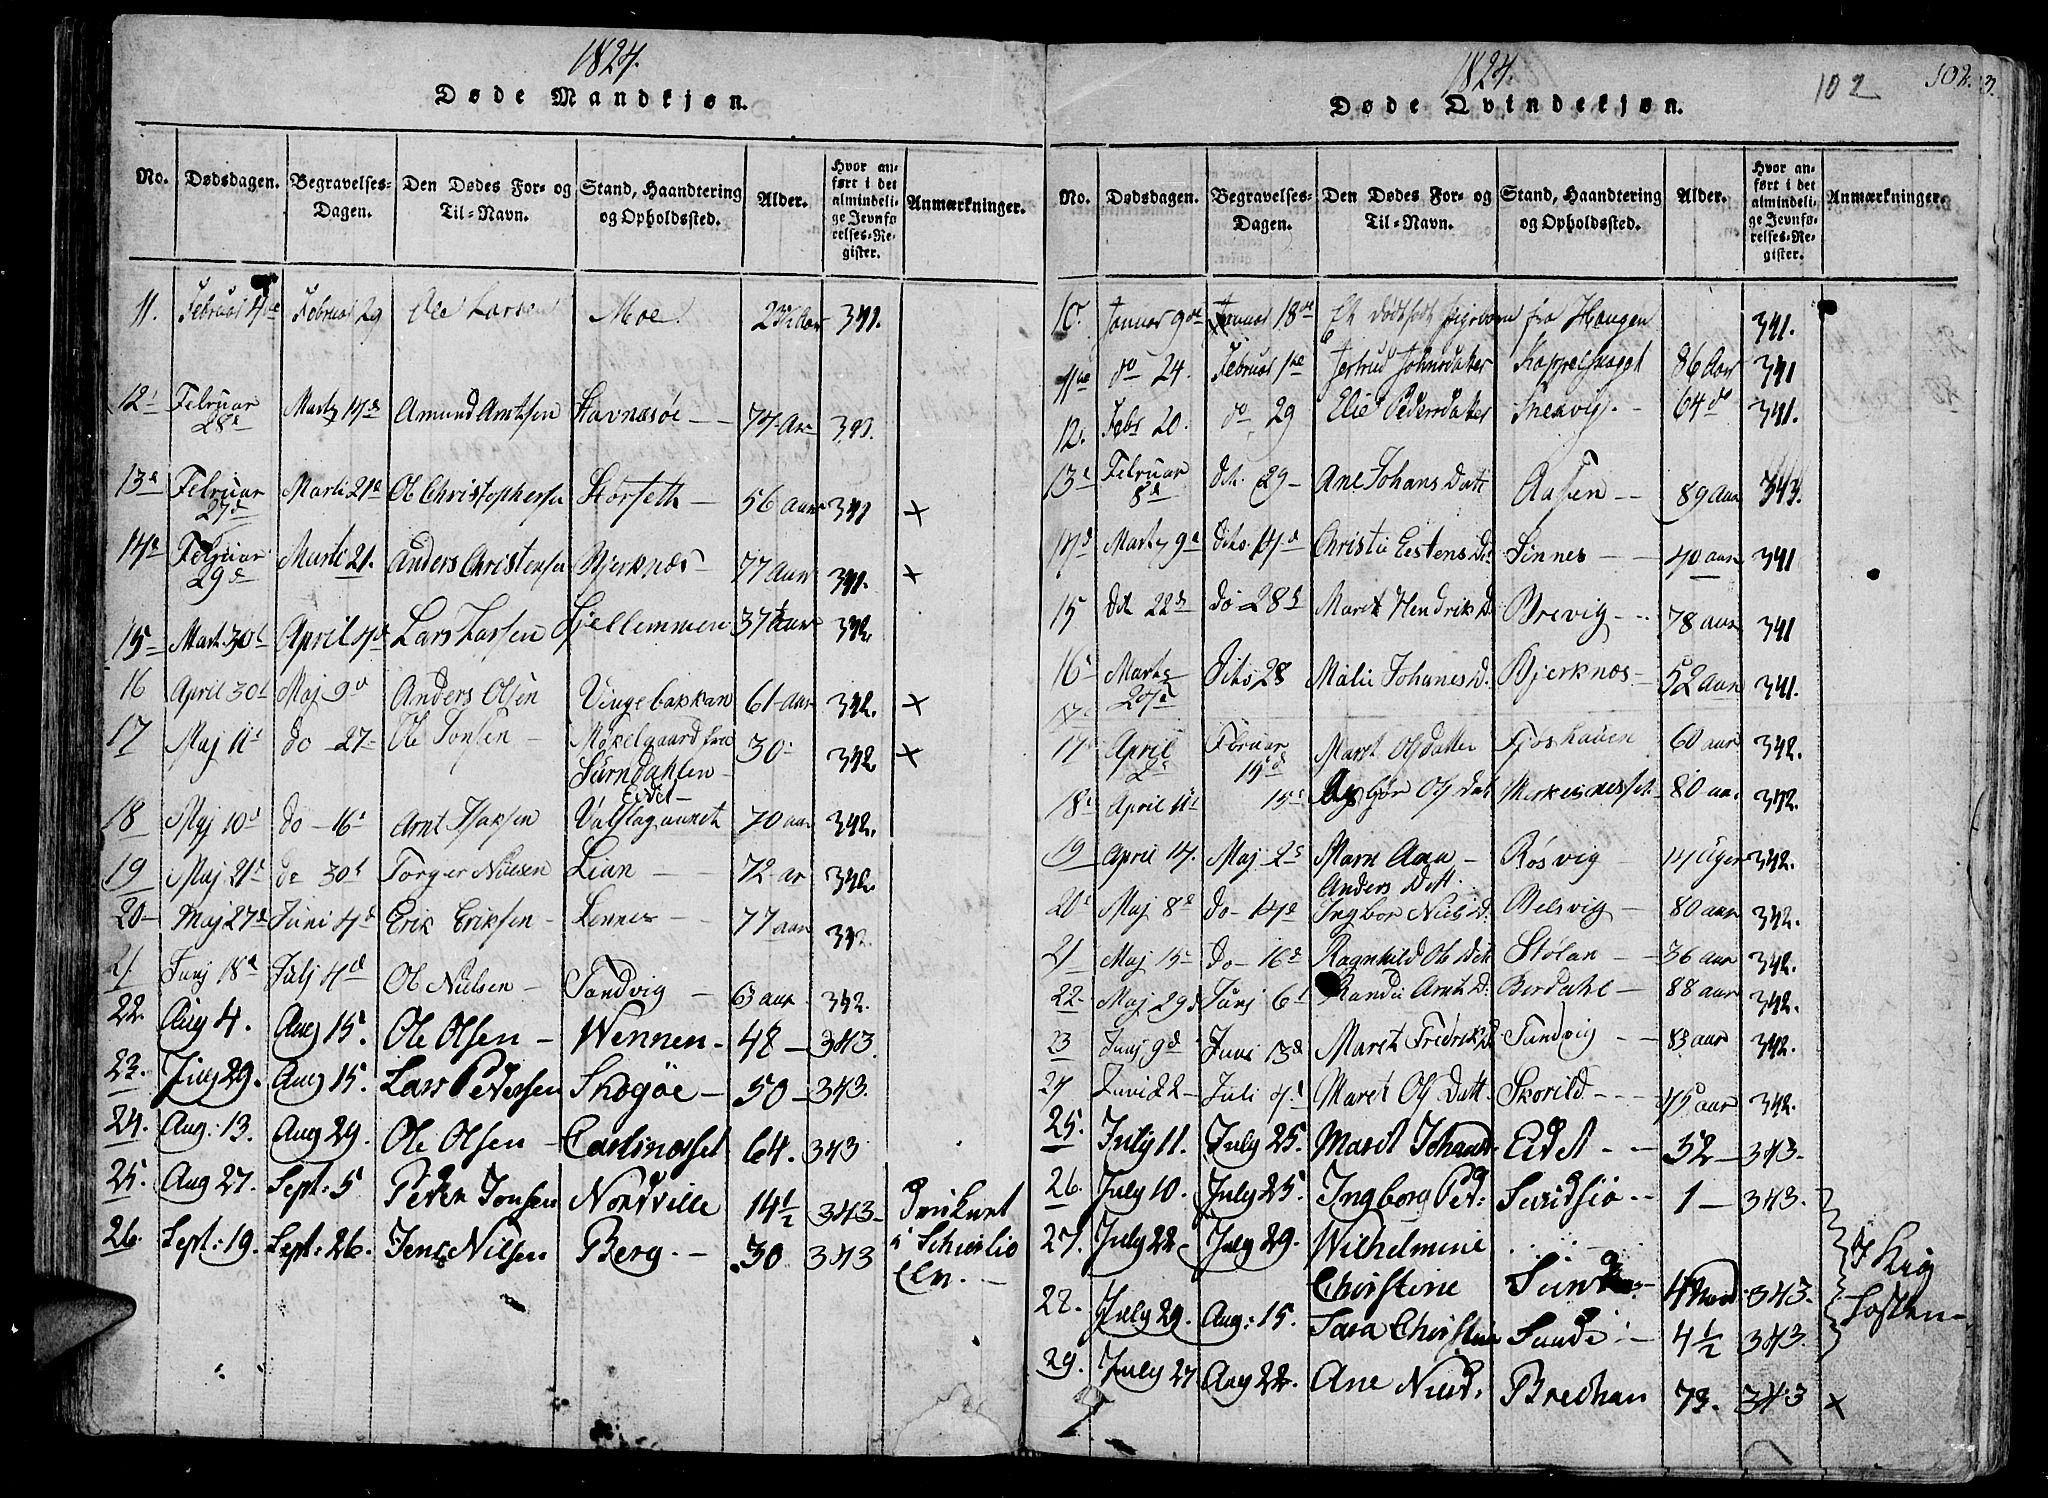 SAT, Ministerialprotokoller, klokkerbøker og fødselsregistre - Sør-Trøndelag, 630/L0491: Ministerialbok nr. 630A04, 1818-1830, s. 102